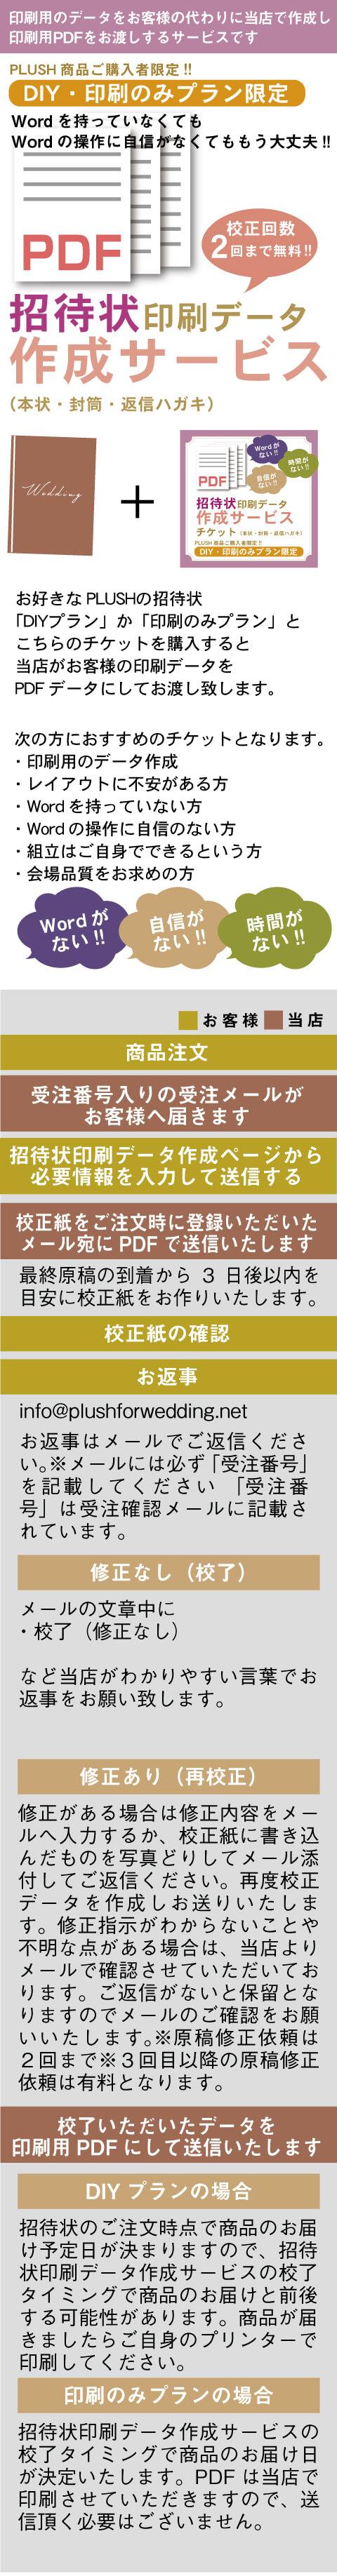 招待状印刷データ作成サービスチケット